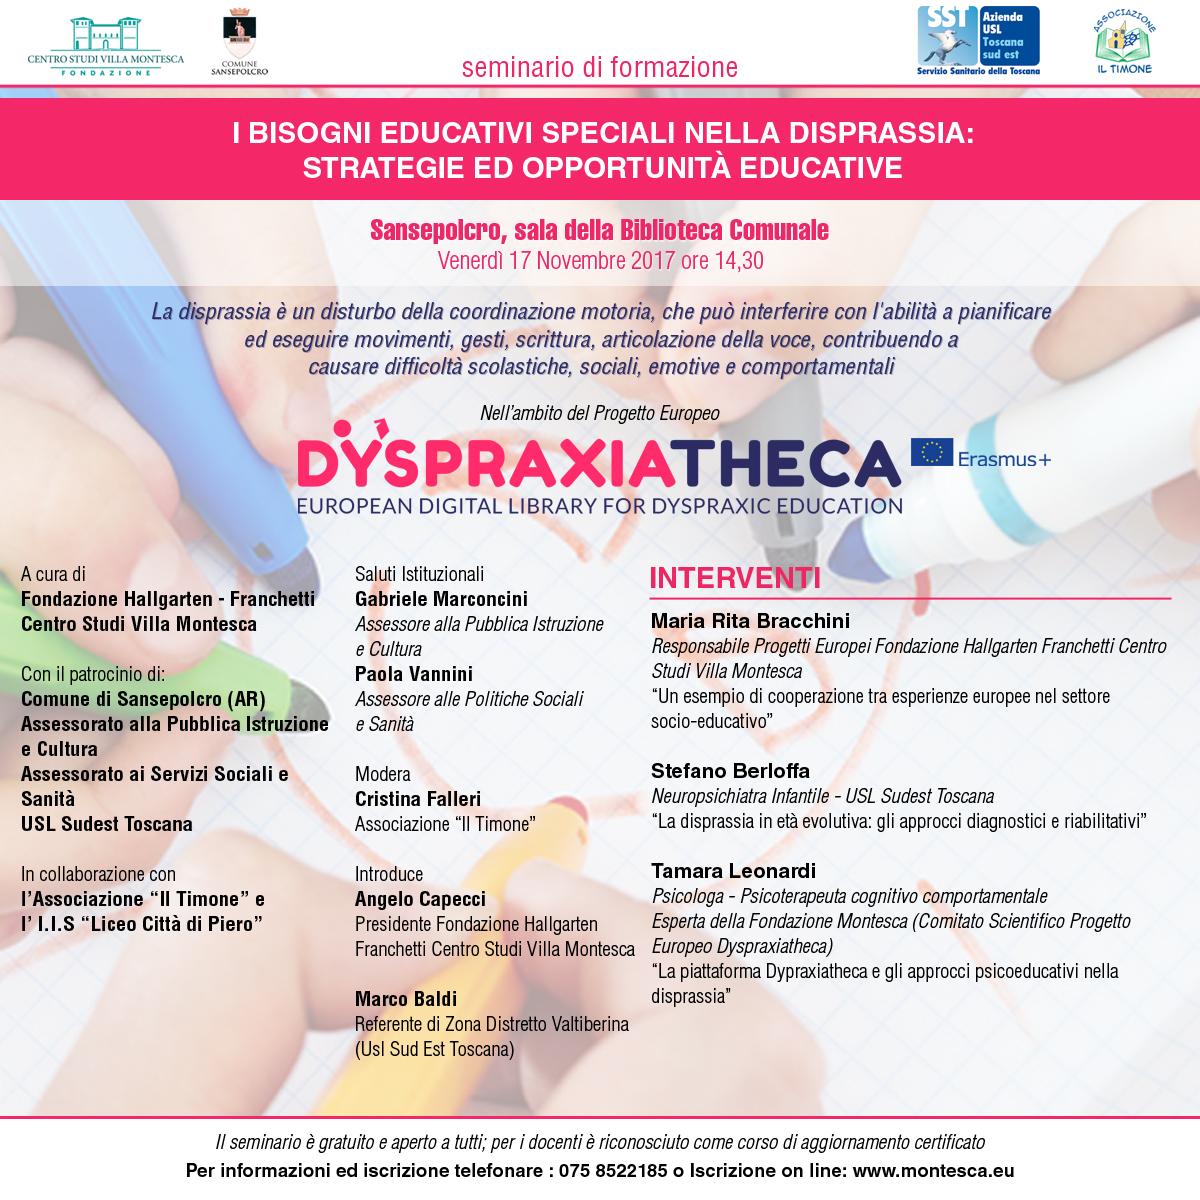 evento_dyspraxiatheca3c